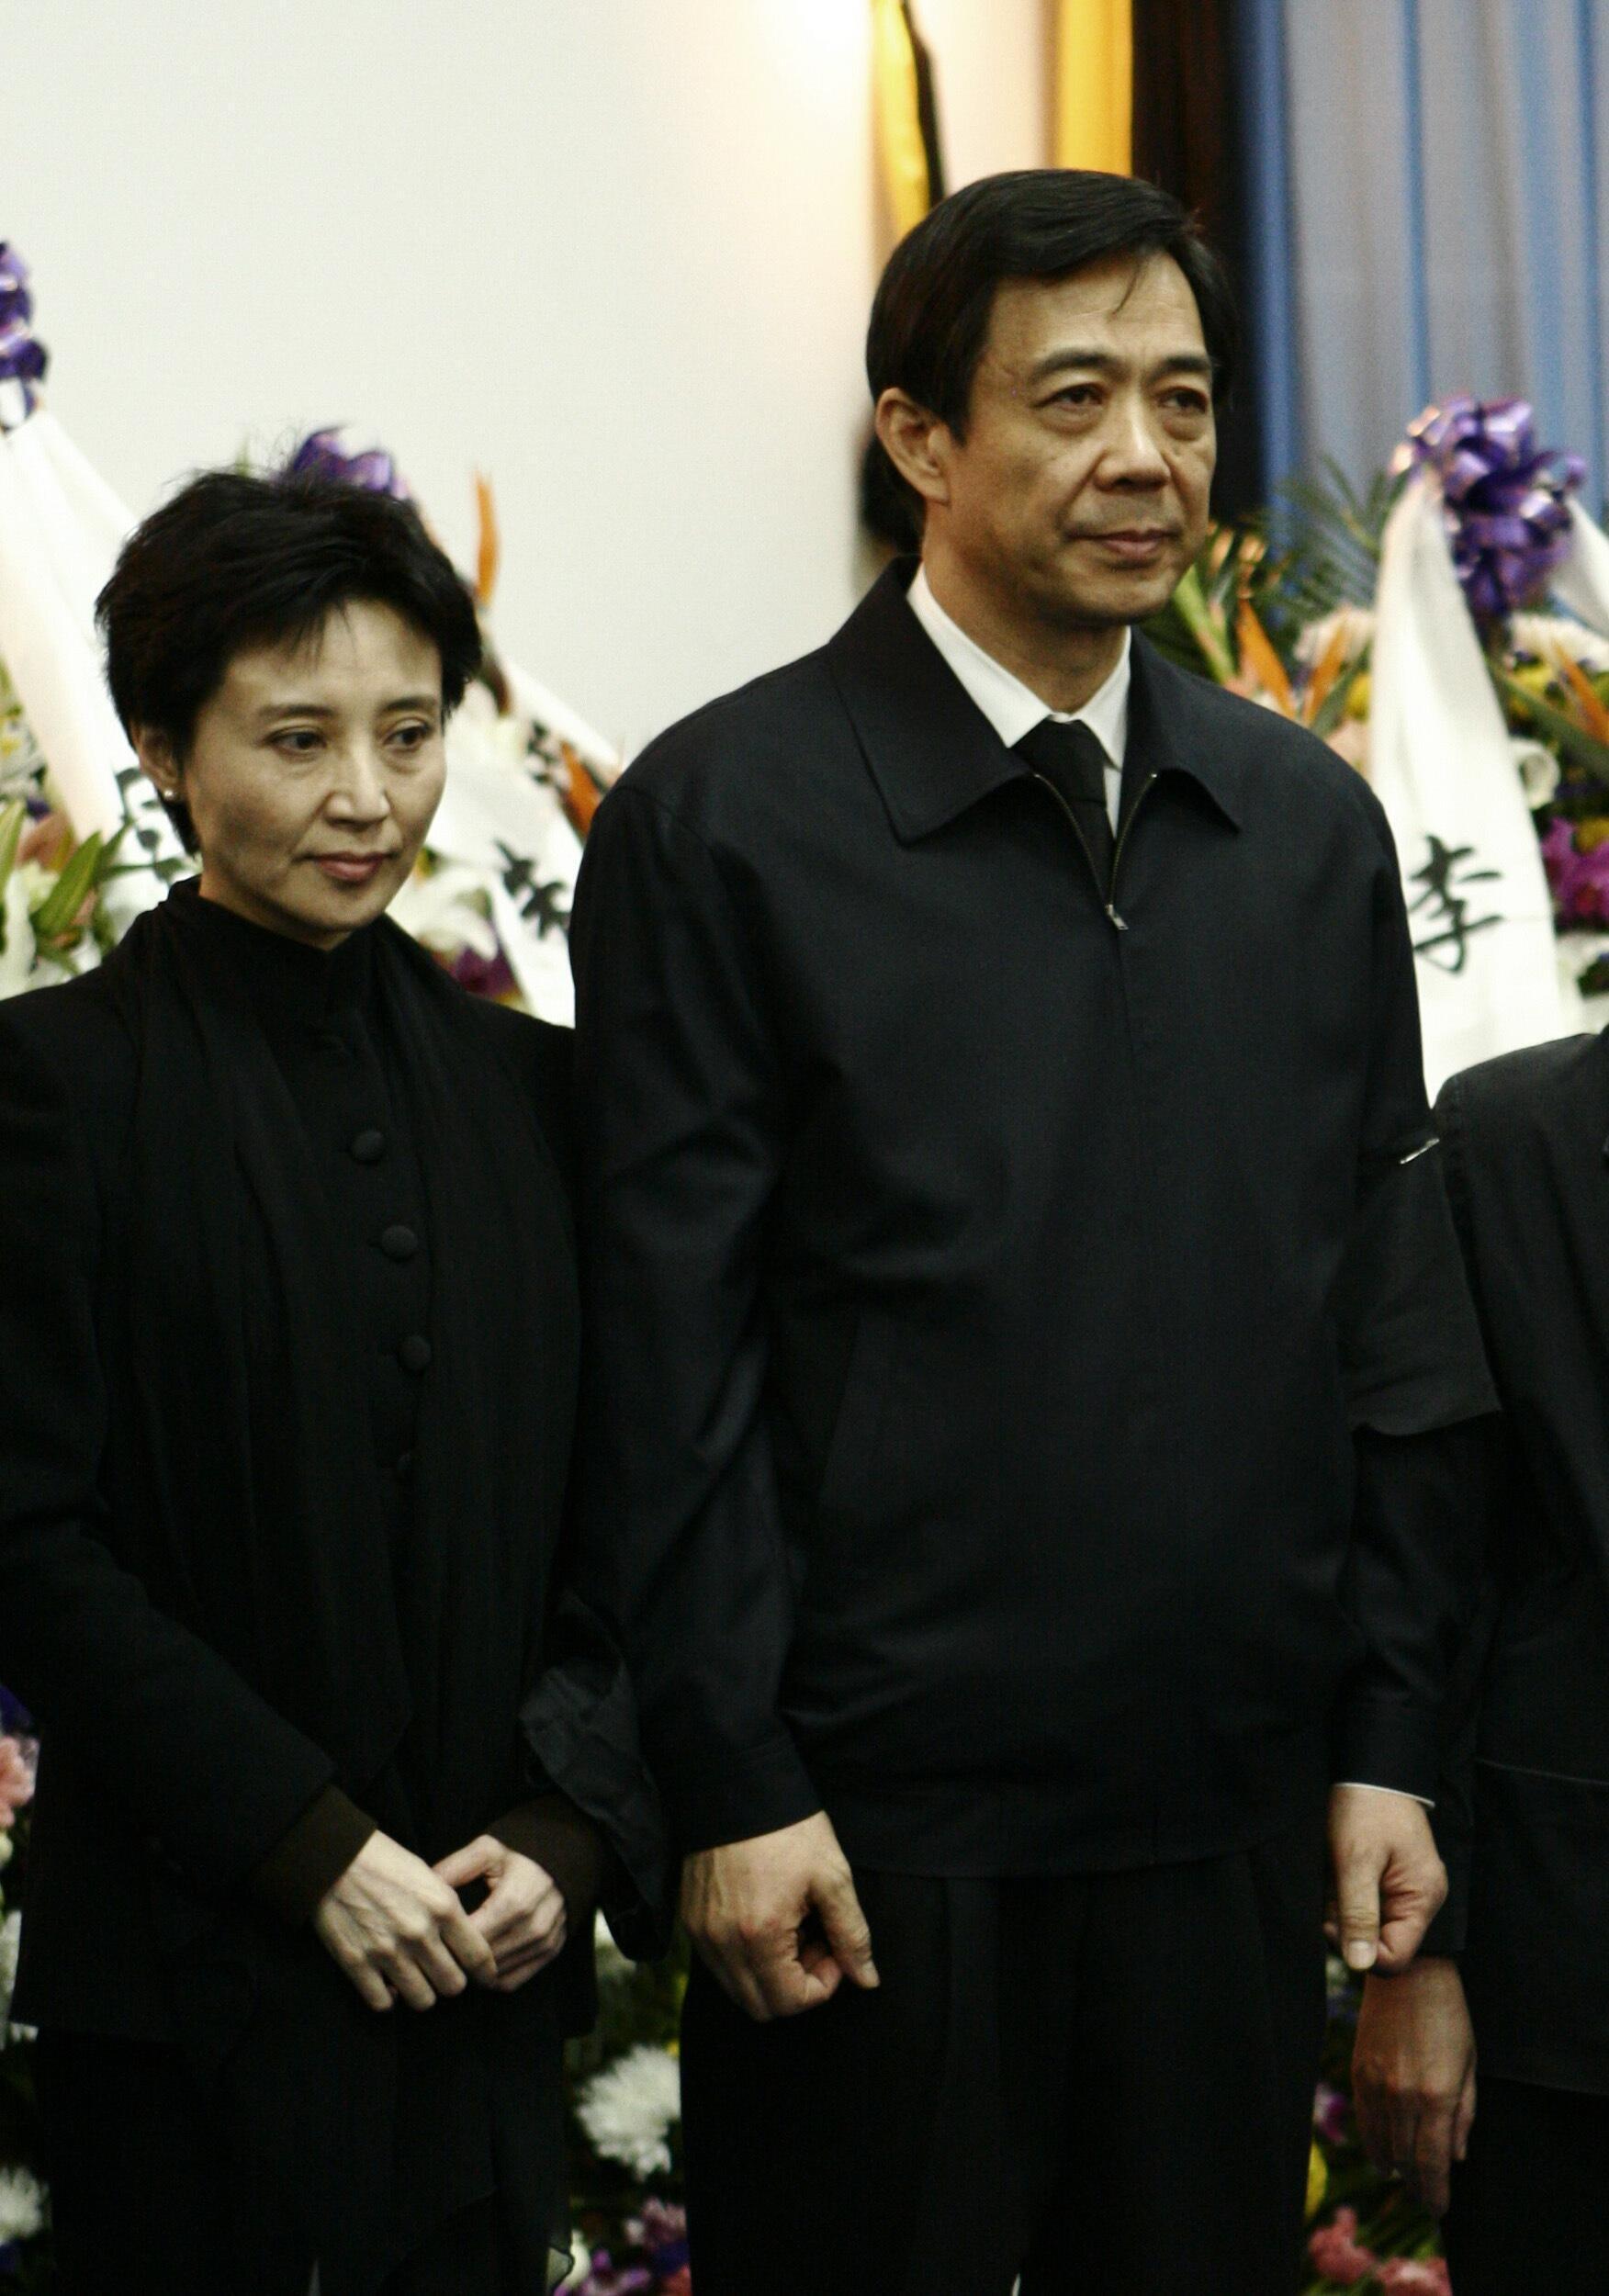 Ông Bạc Hy Lai và vợ, bà Cốc Khai Lai, trong đám tang ông Bạc Nhất Ba, Bắc Kinh, 17/01/2007